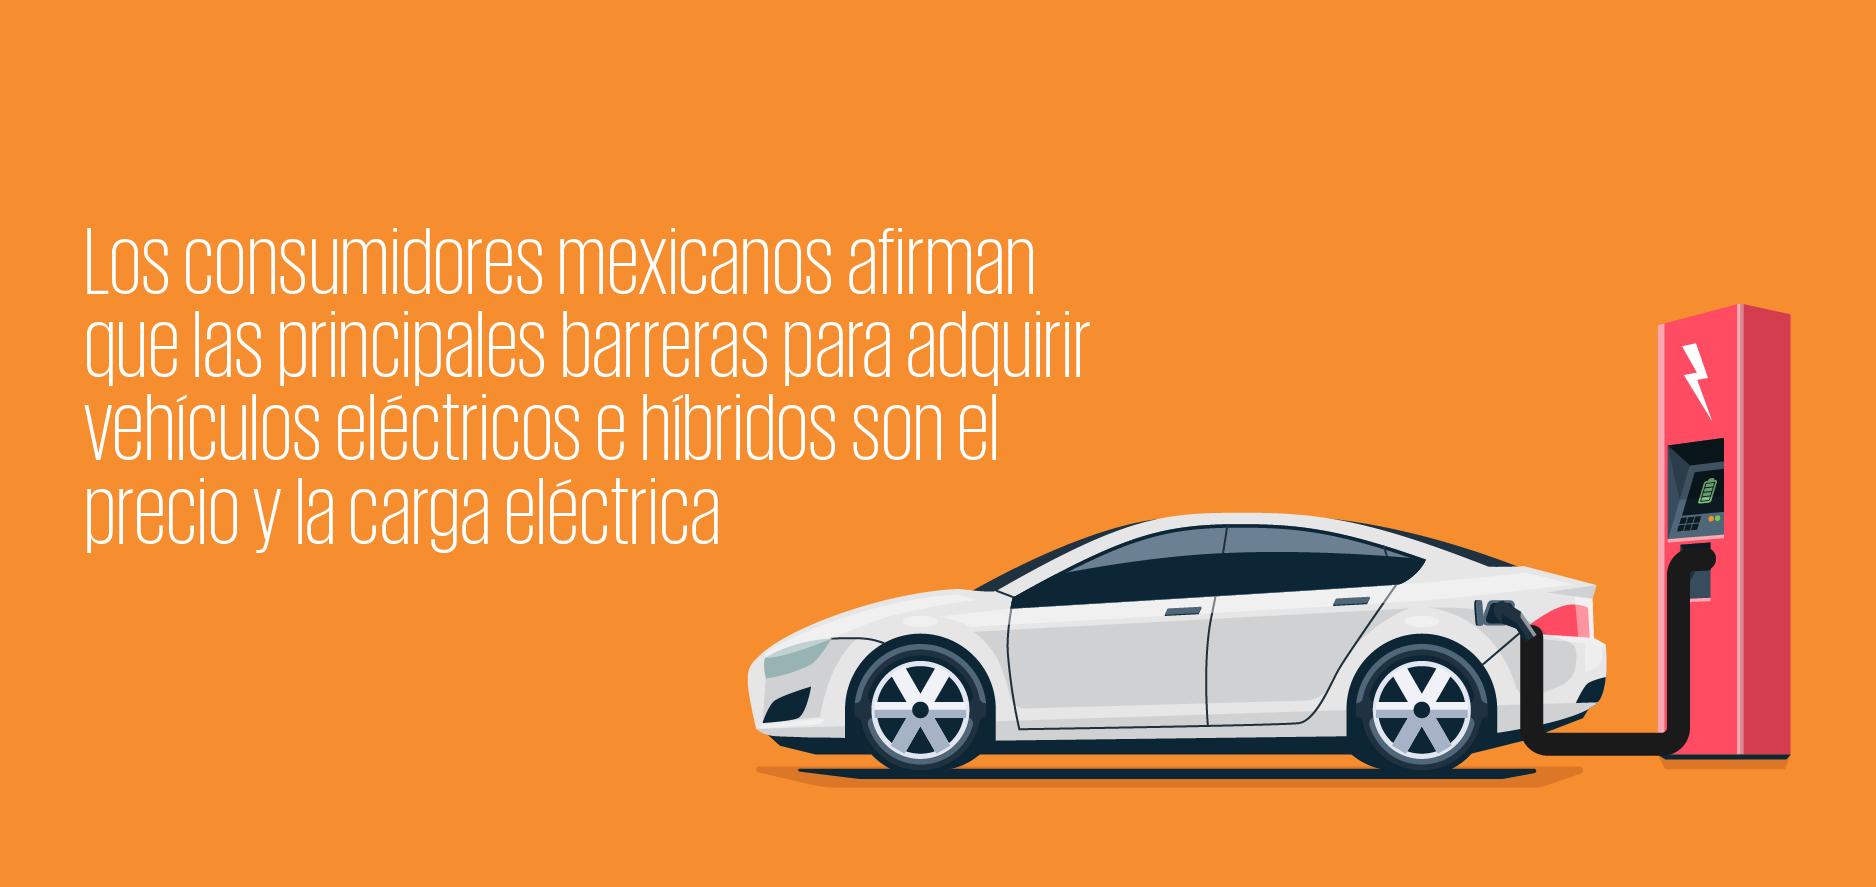 Cuales-son-las-principales-tendencias-del-sector-automotriz-hacia-2030-frase_resaltada_900px